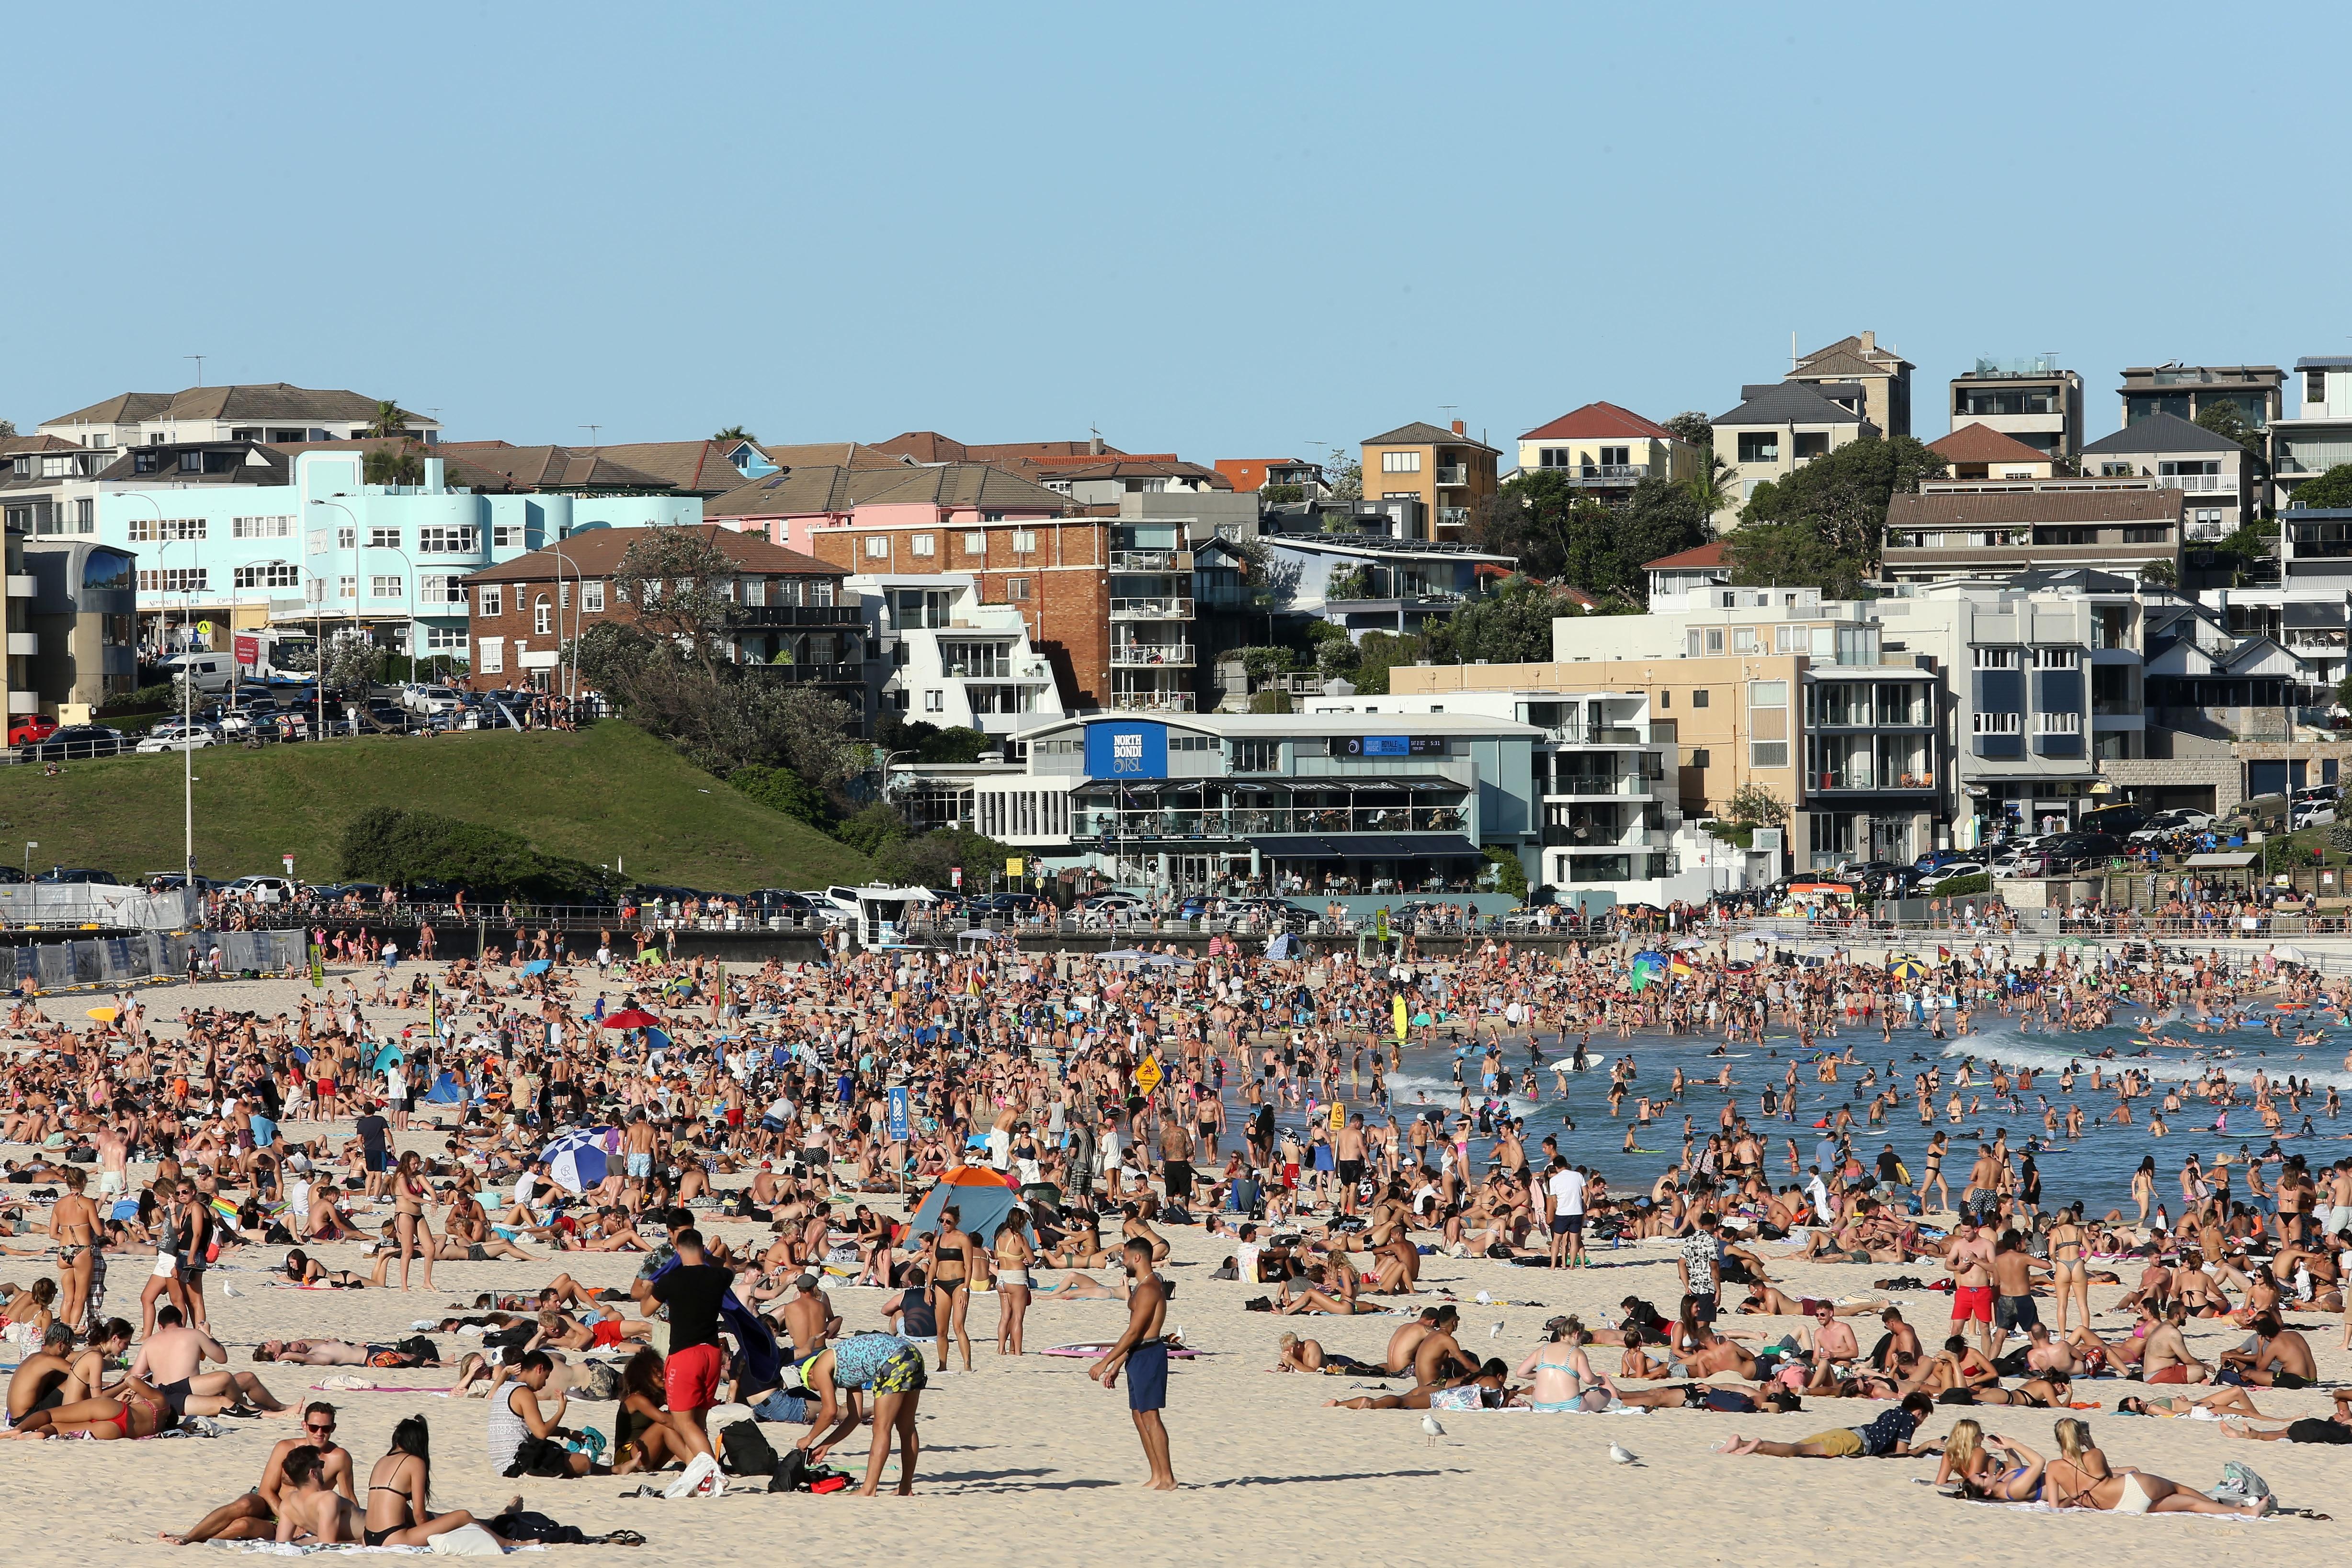 Sydney's Bondi Beach on Friday.